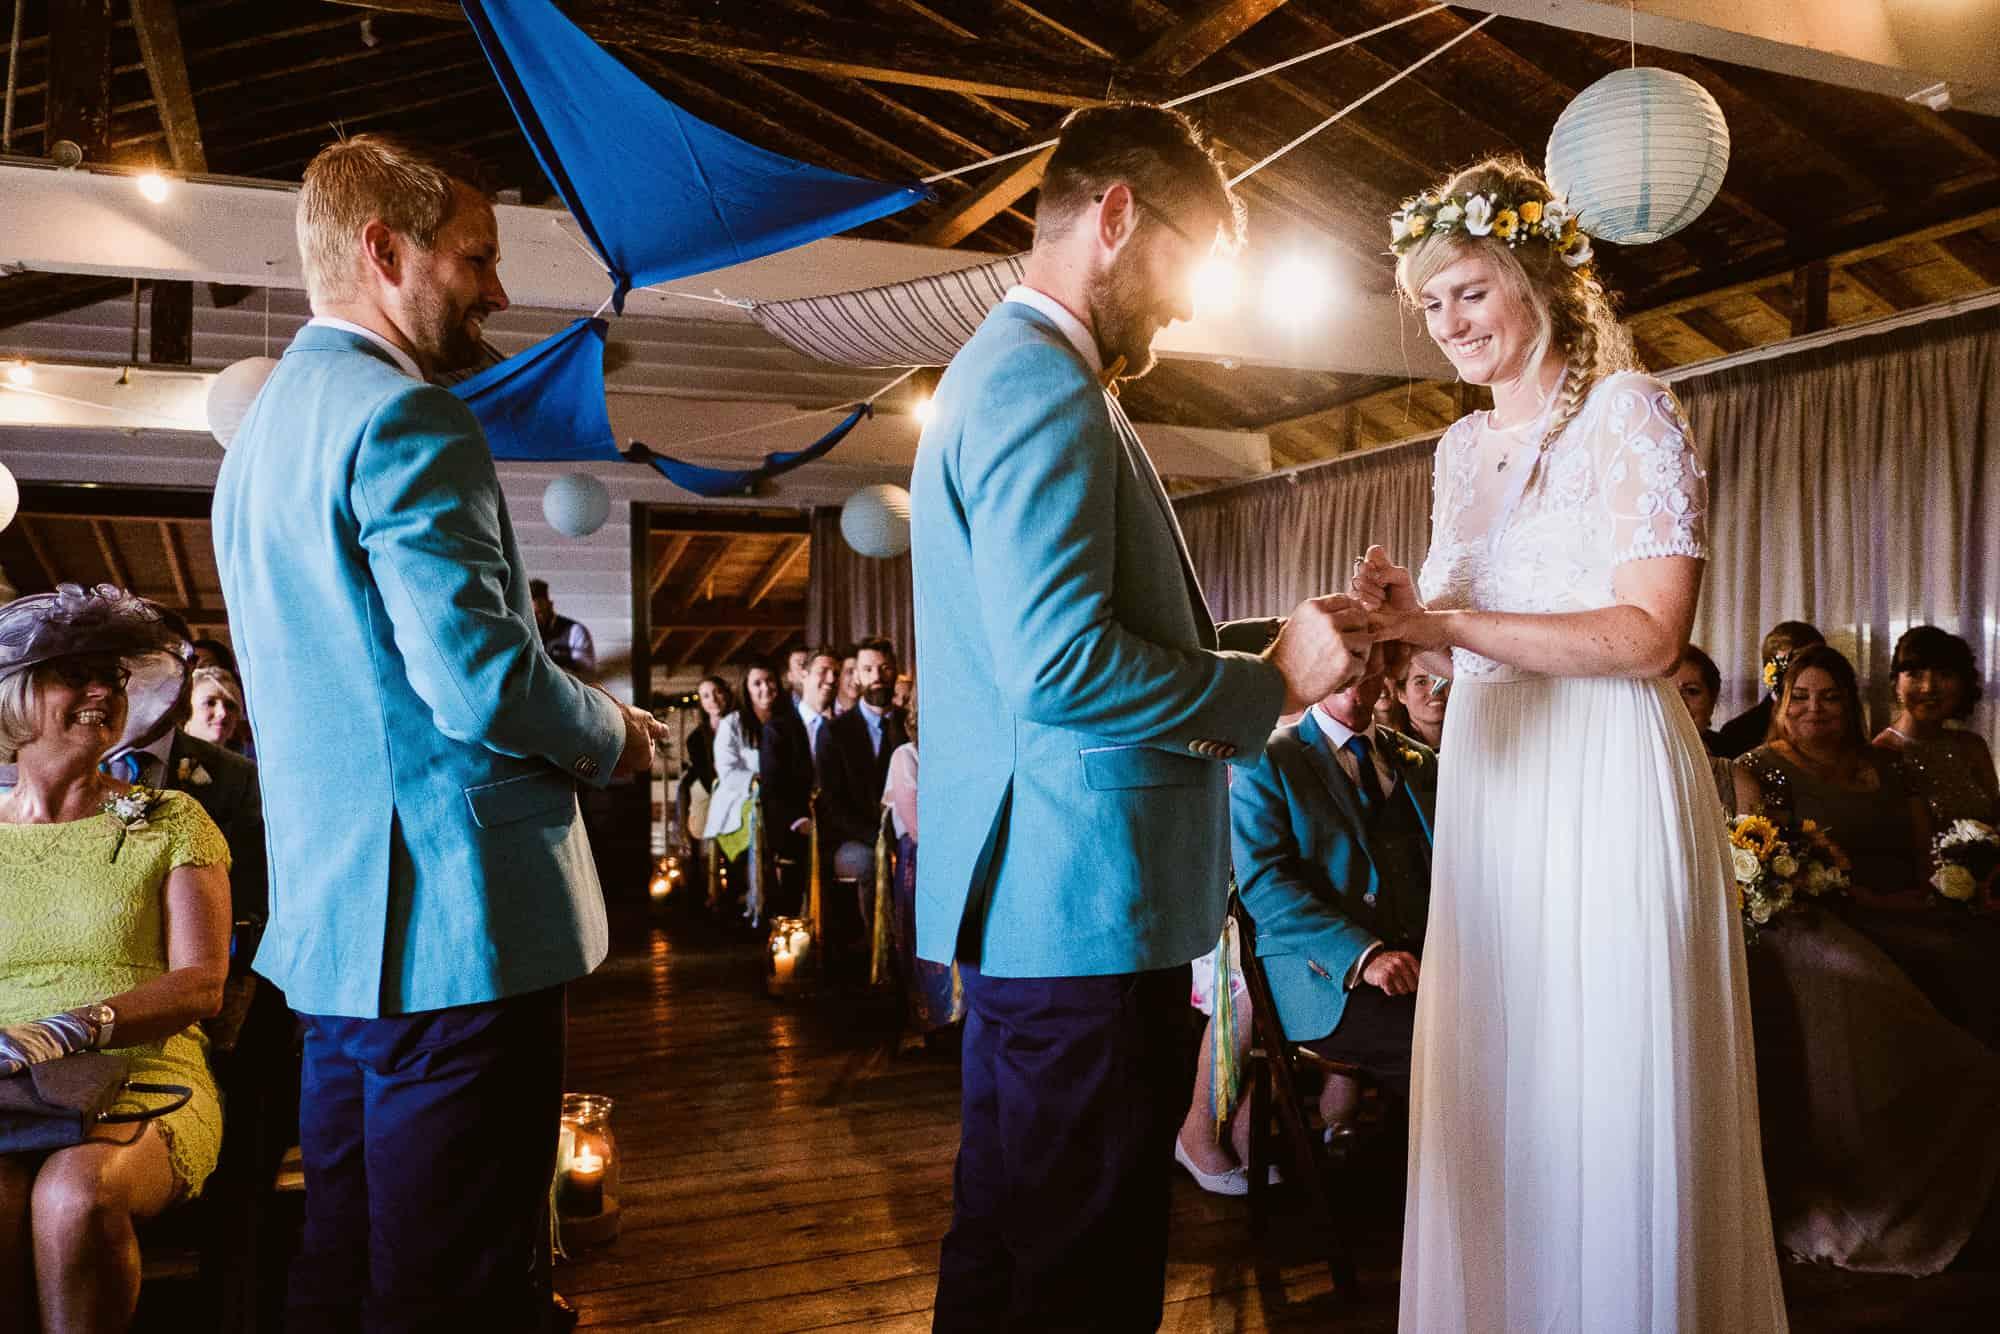 east-quay-wedding-photography-matt-tyler-0034